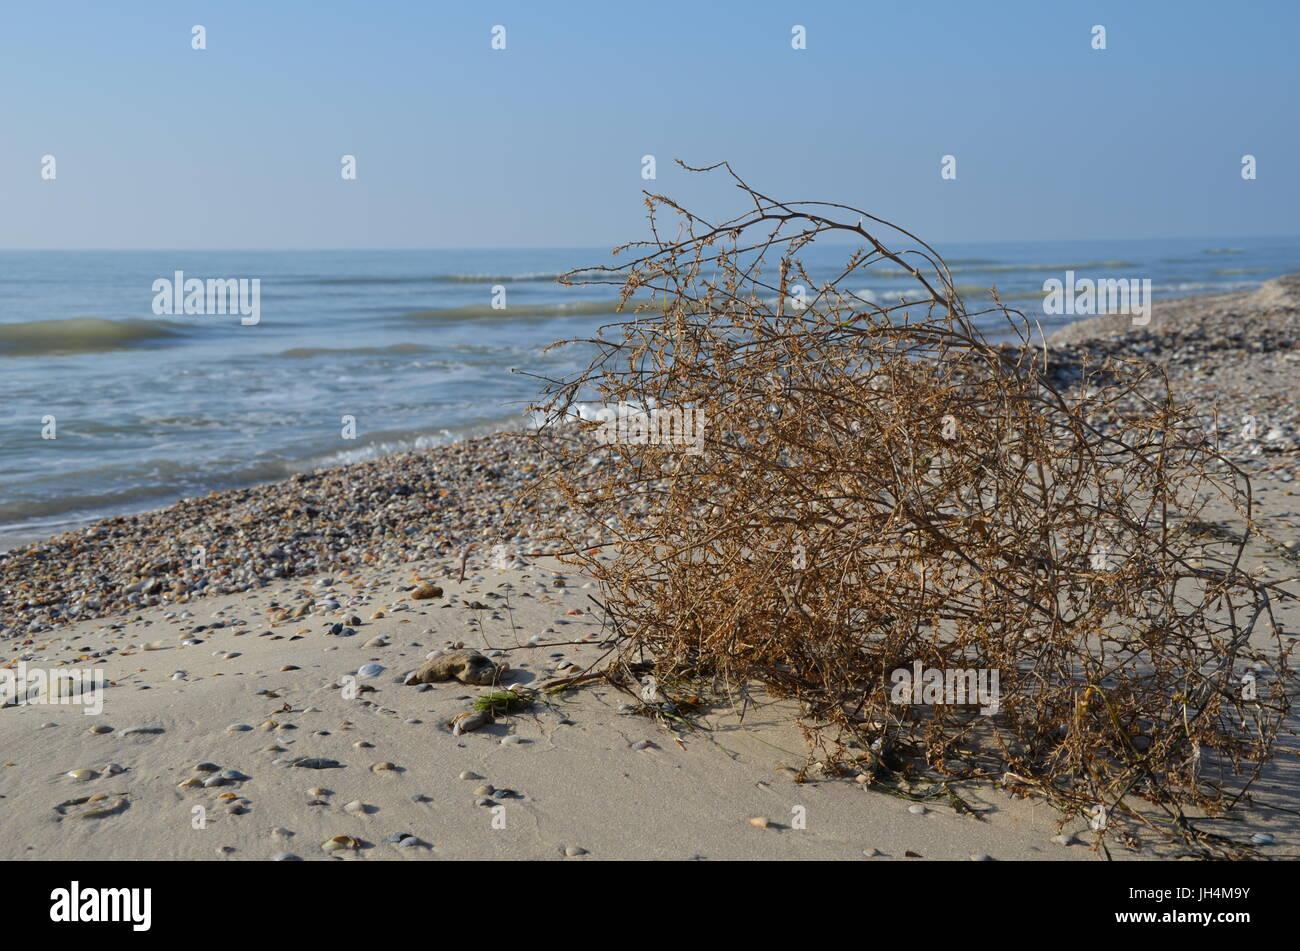 Tumbleweed in the sea coast - Stock Image